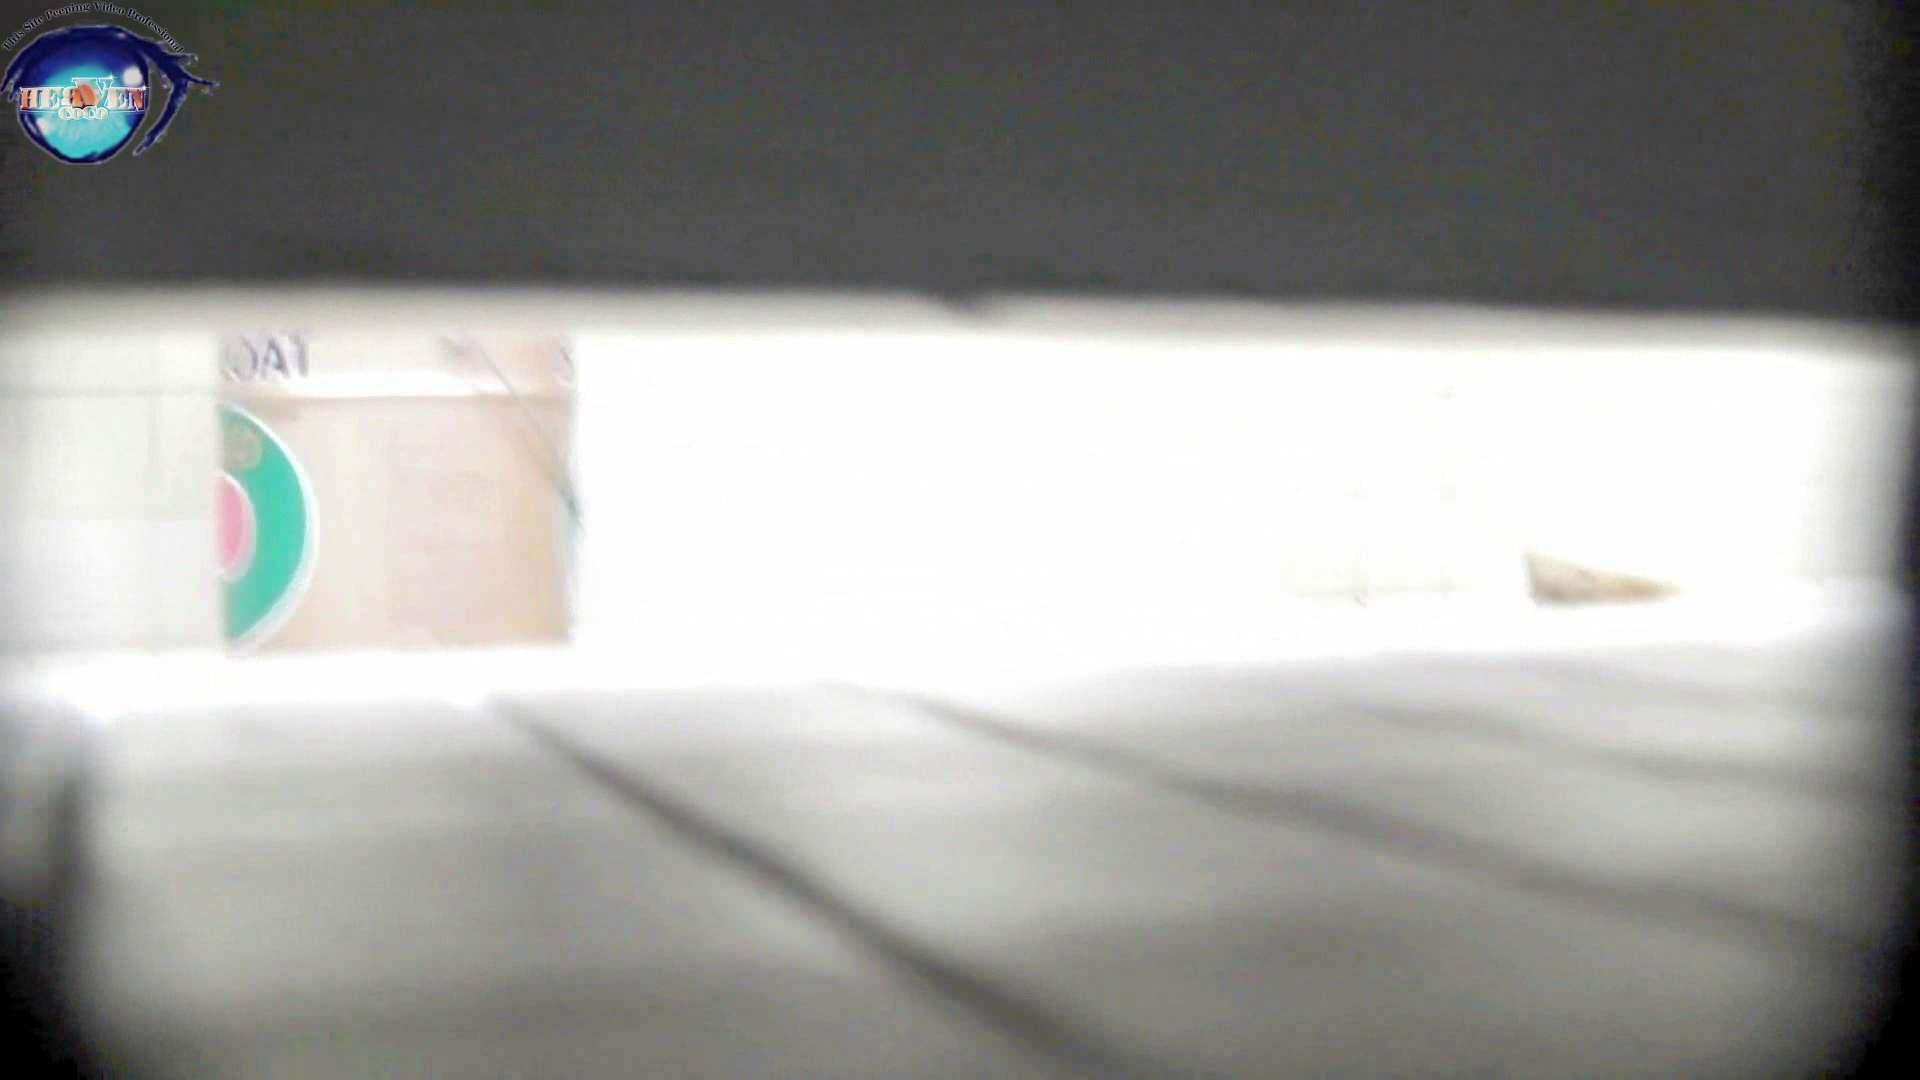 洗面所突入レポート!!お銀 vol.67 新たな場所への挑戦が始まる!!後編 OLエロ画像   洗面所  49PICs 37